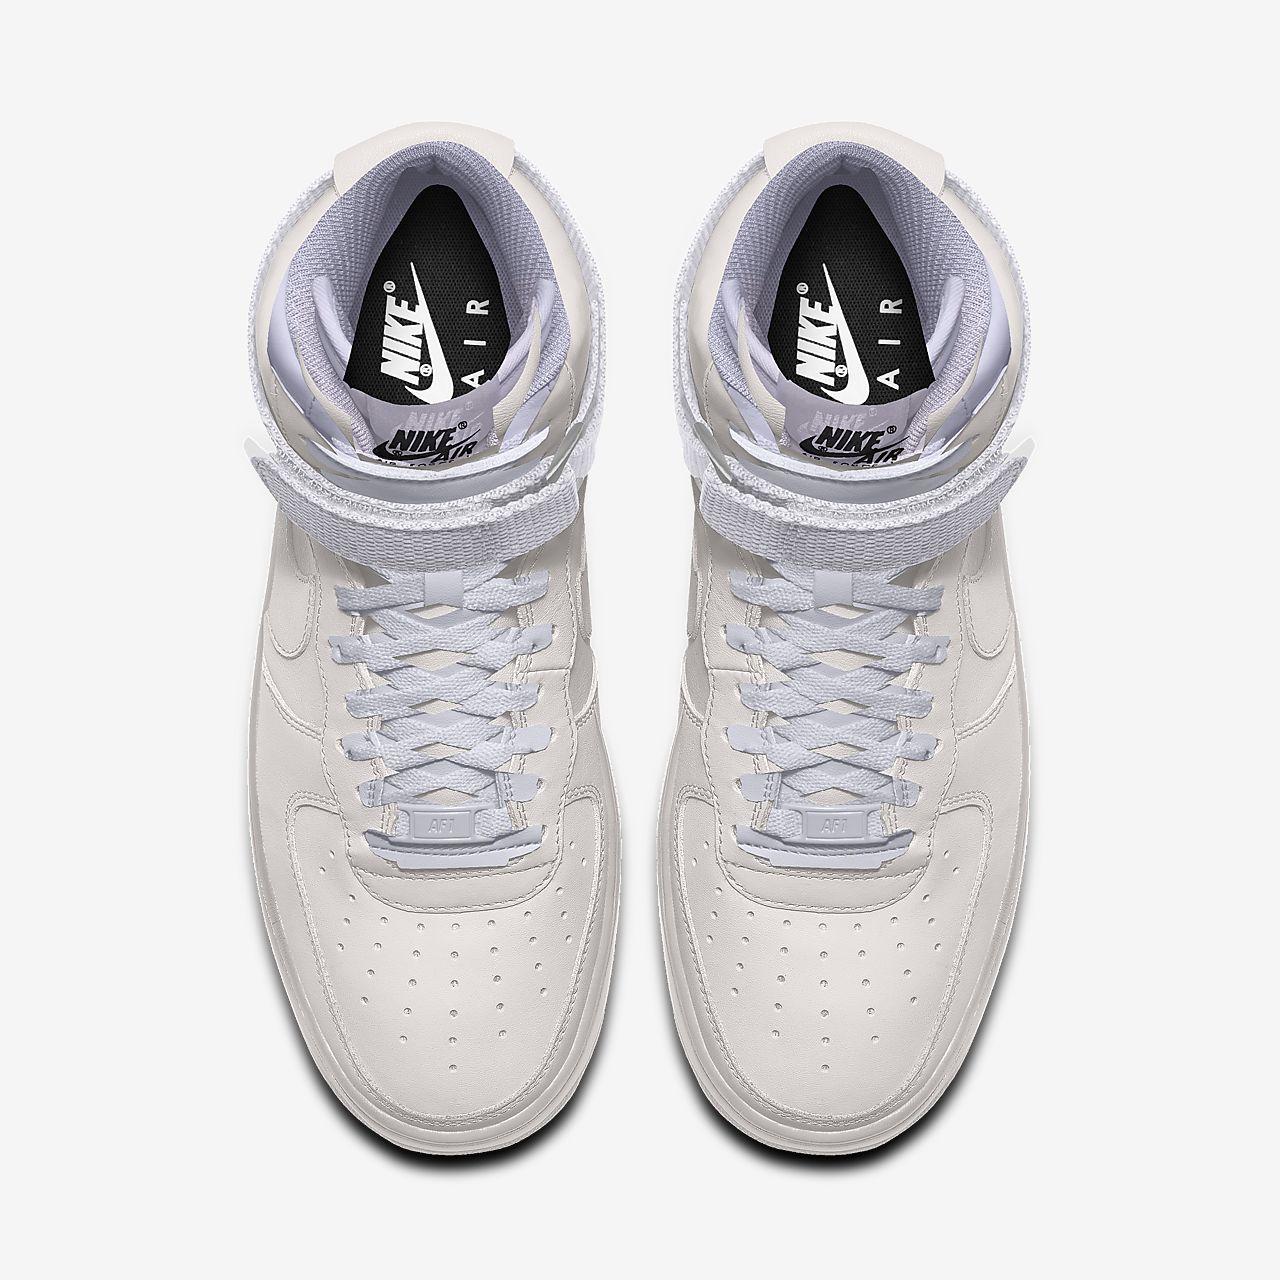 Calzado para hombre personalizado Nike Air Force 1 High By You